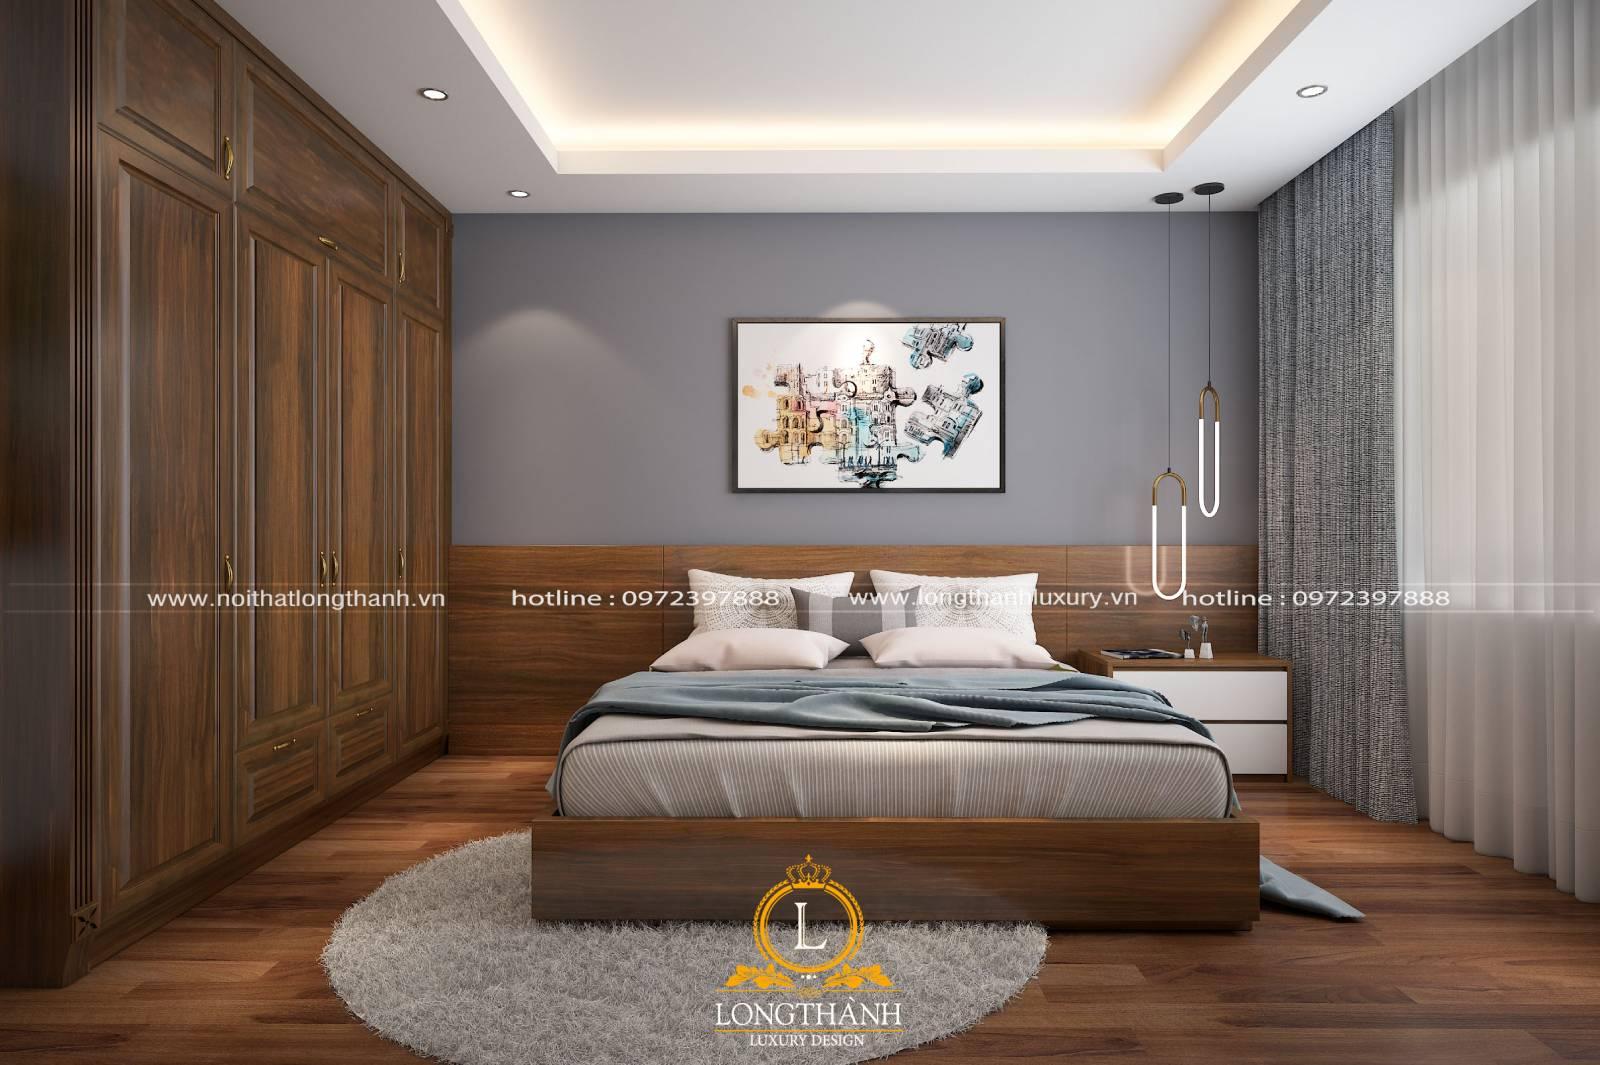 Nội thất phòng ngủ tân cổ điển mang lại vẻ đẹp sang trọng hiện đại